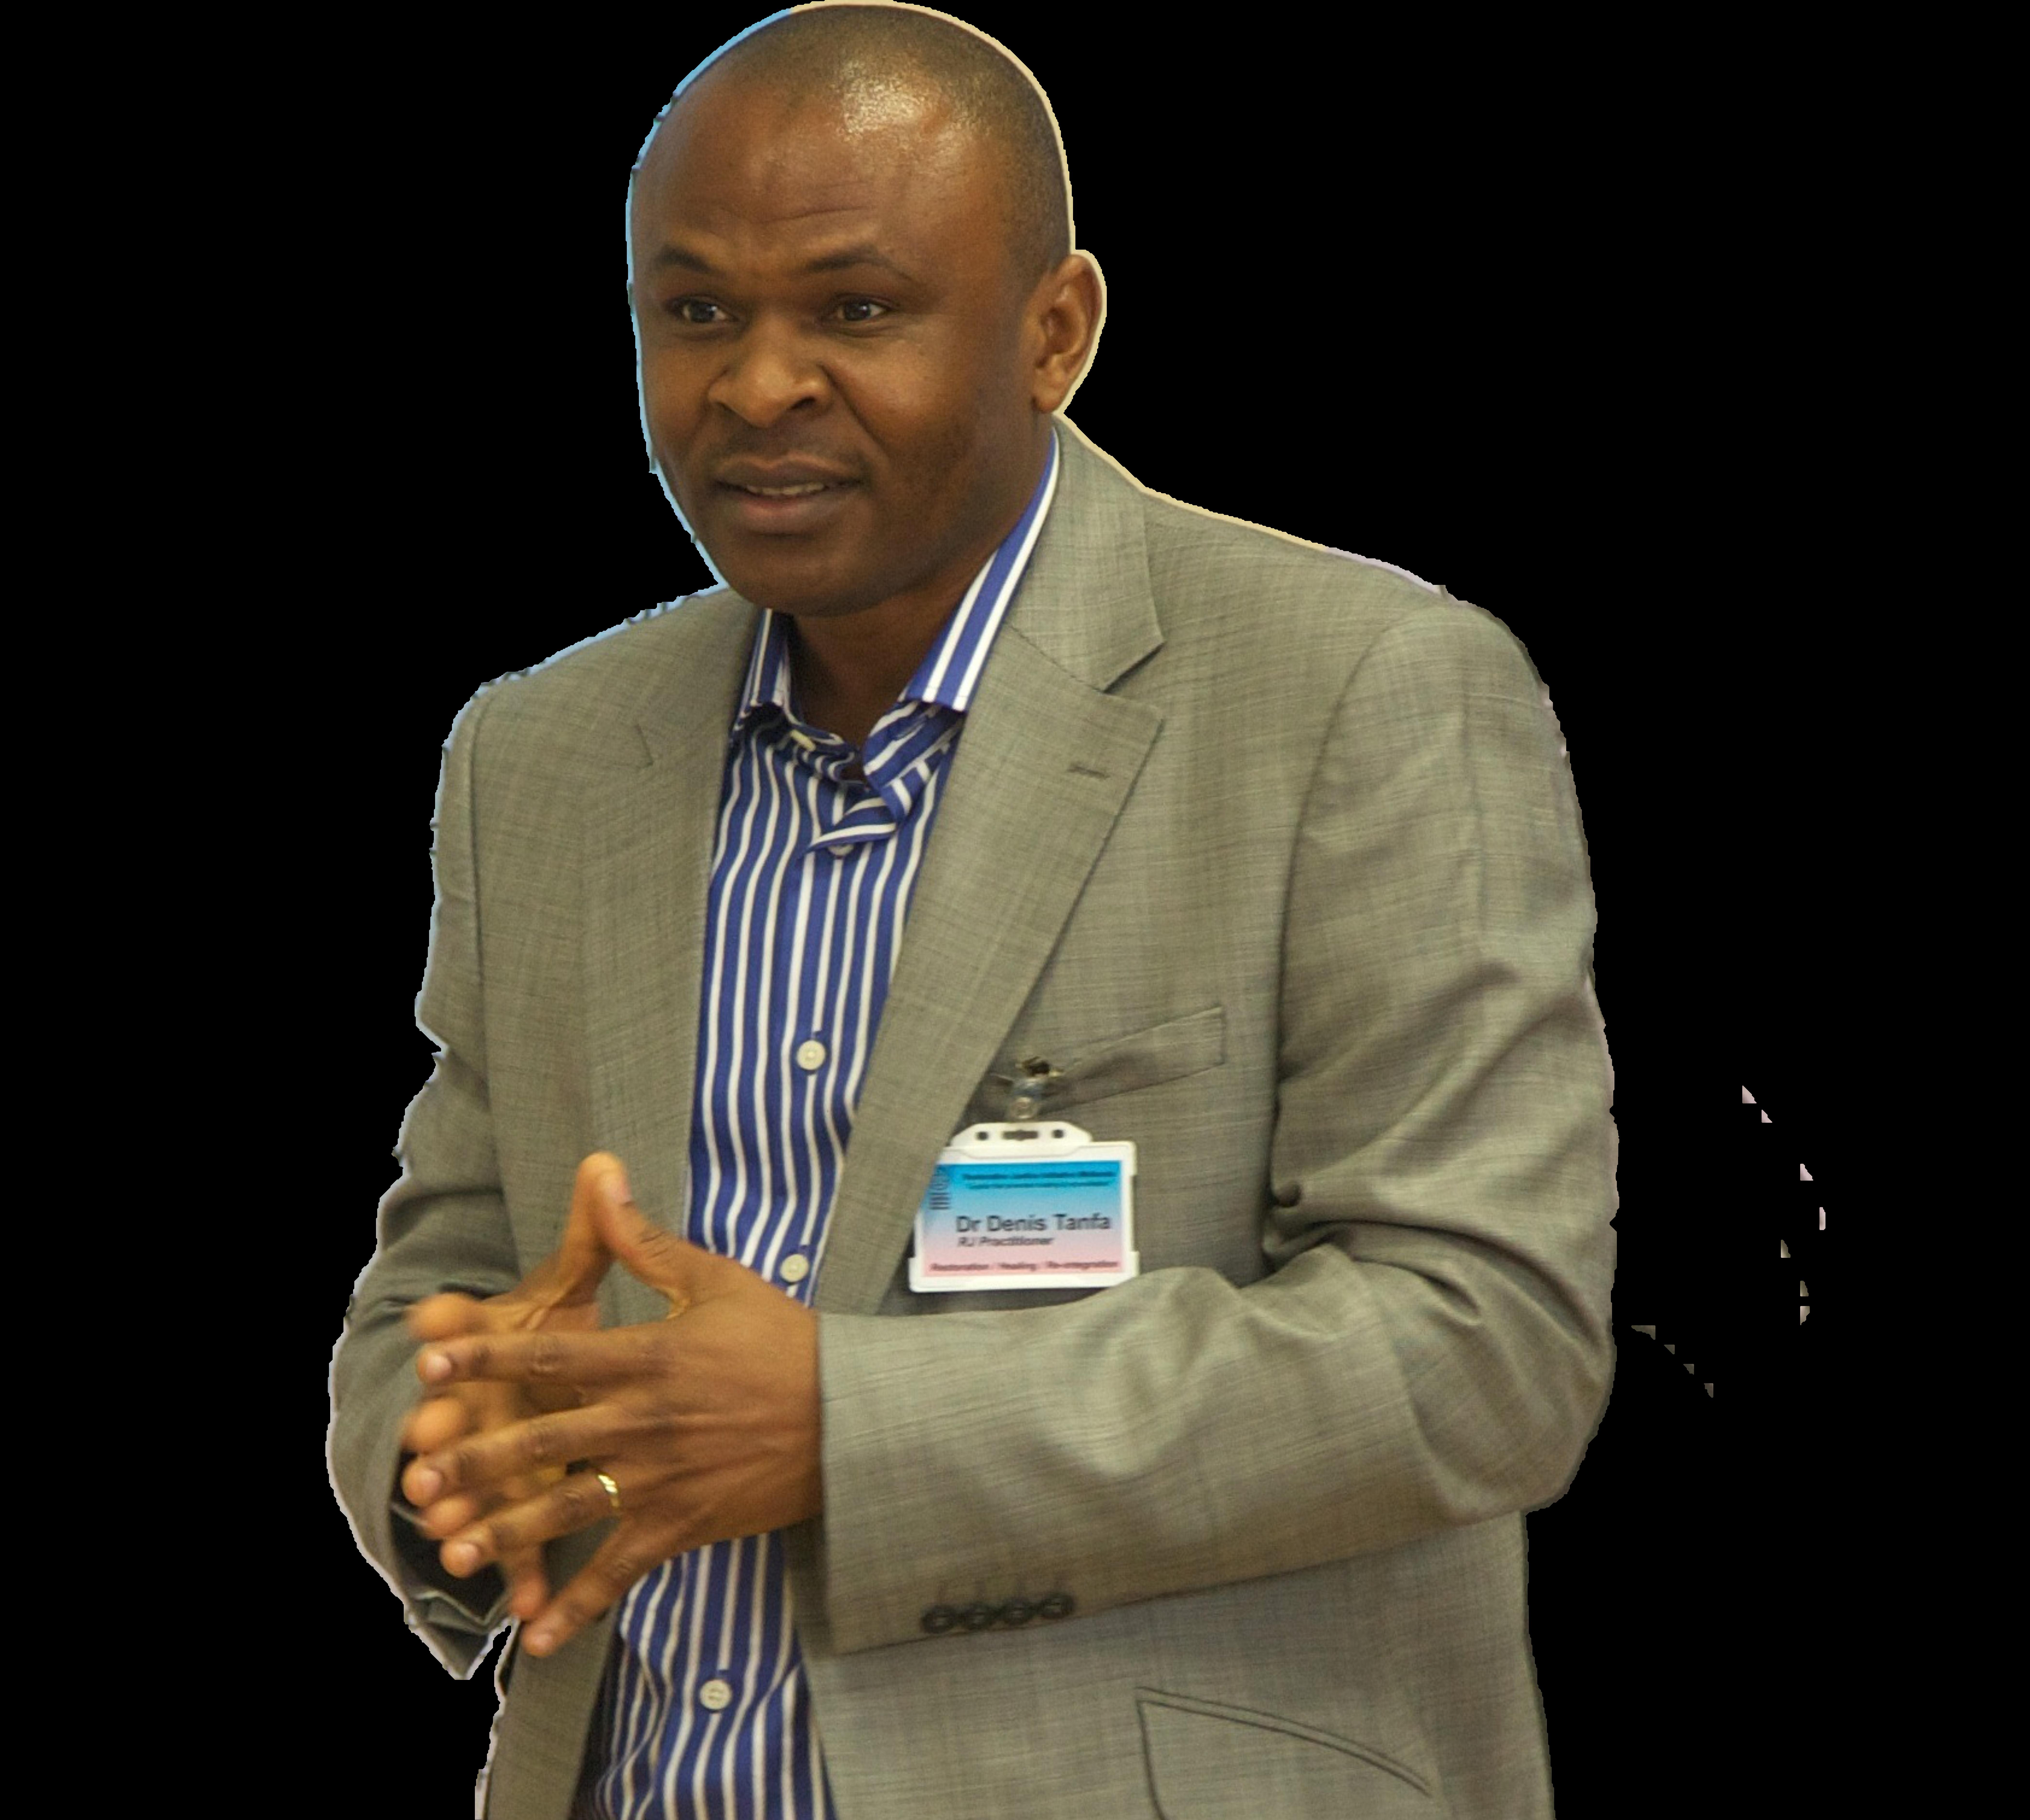 Denis tanfa Phd